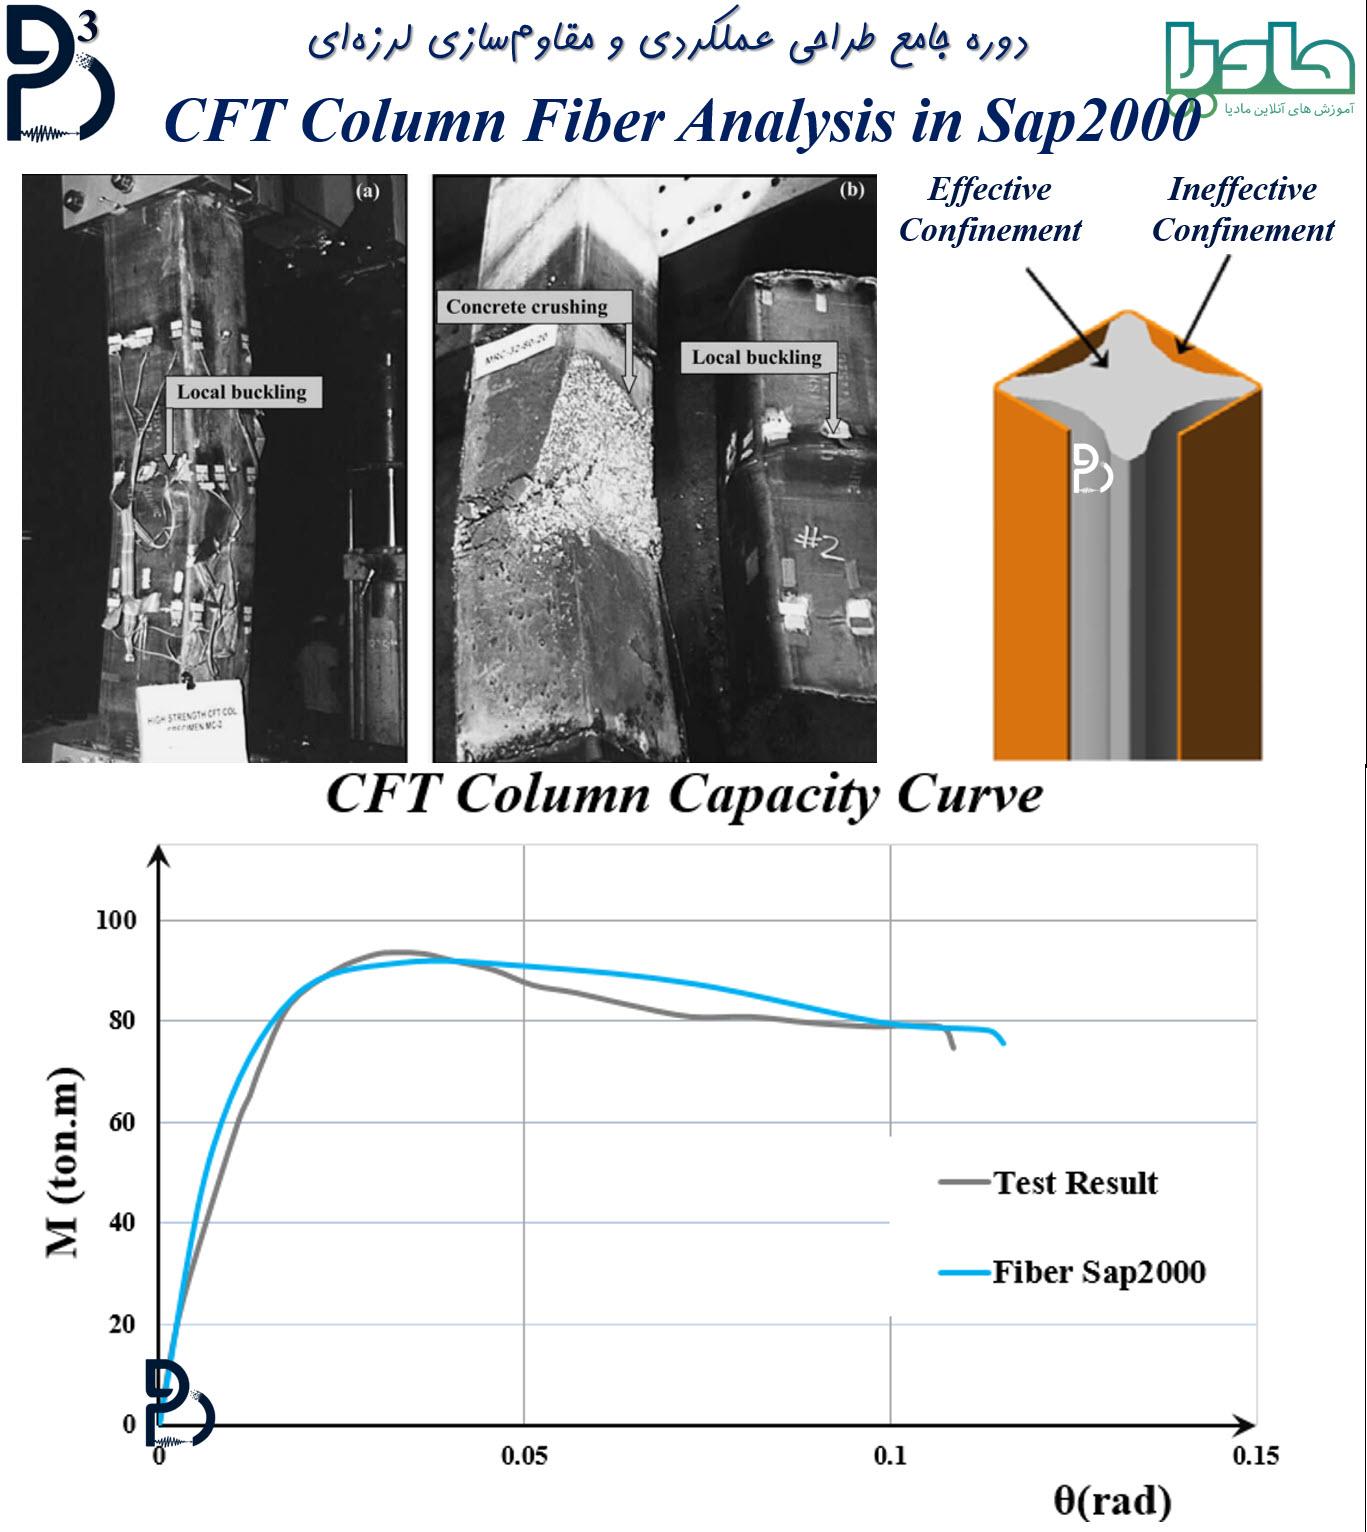 مقایسه نتایج تست مقاطع CFT با نتایج آنالیز فایبر در نرمافزار SAP2000